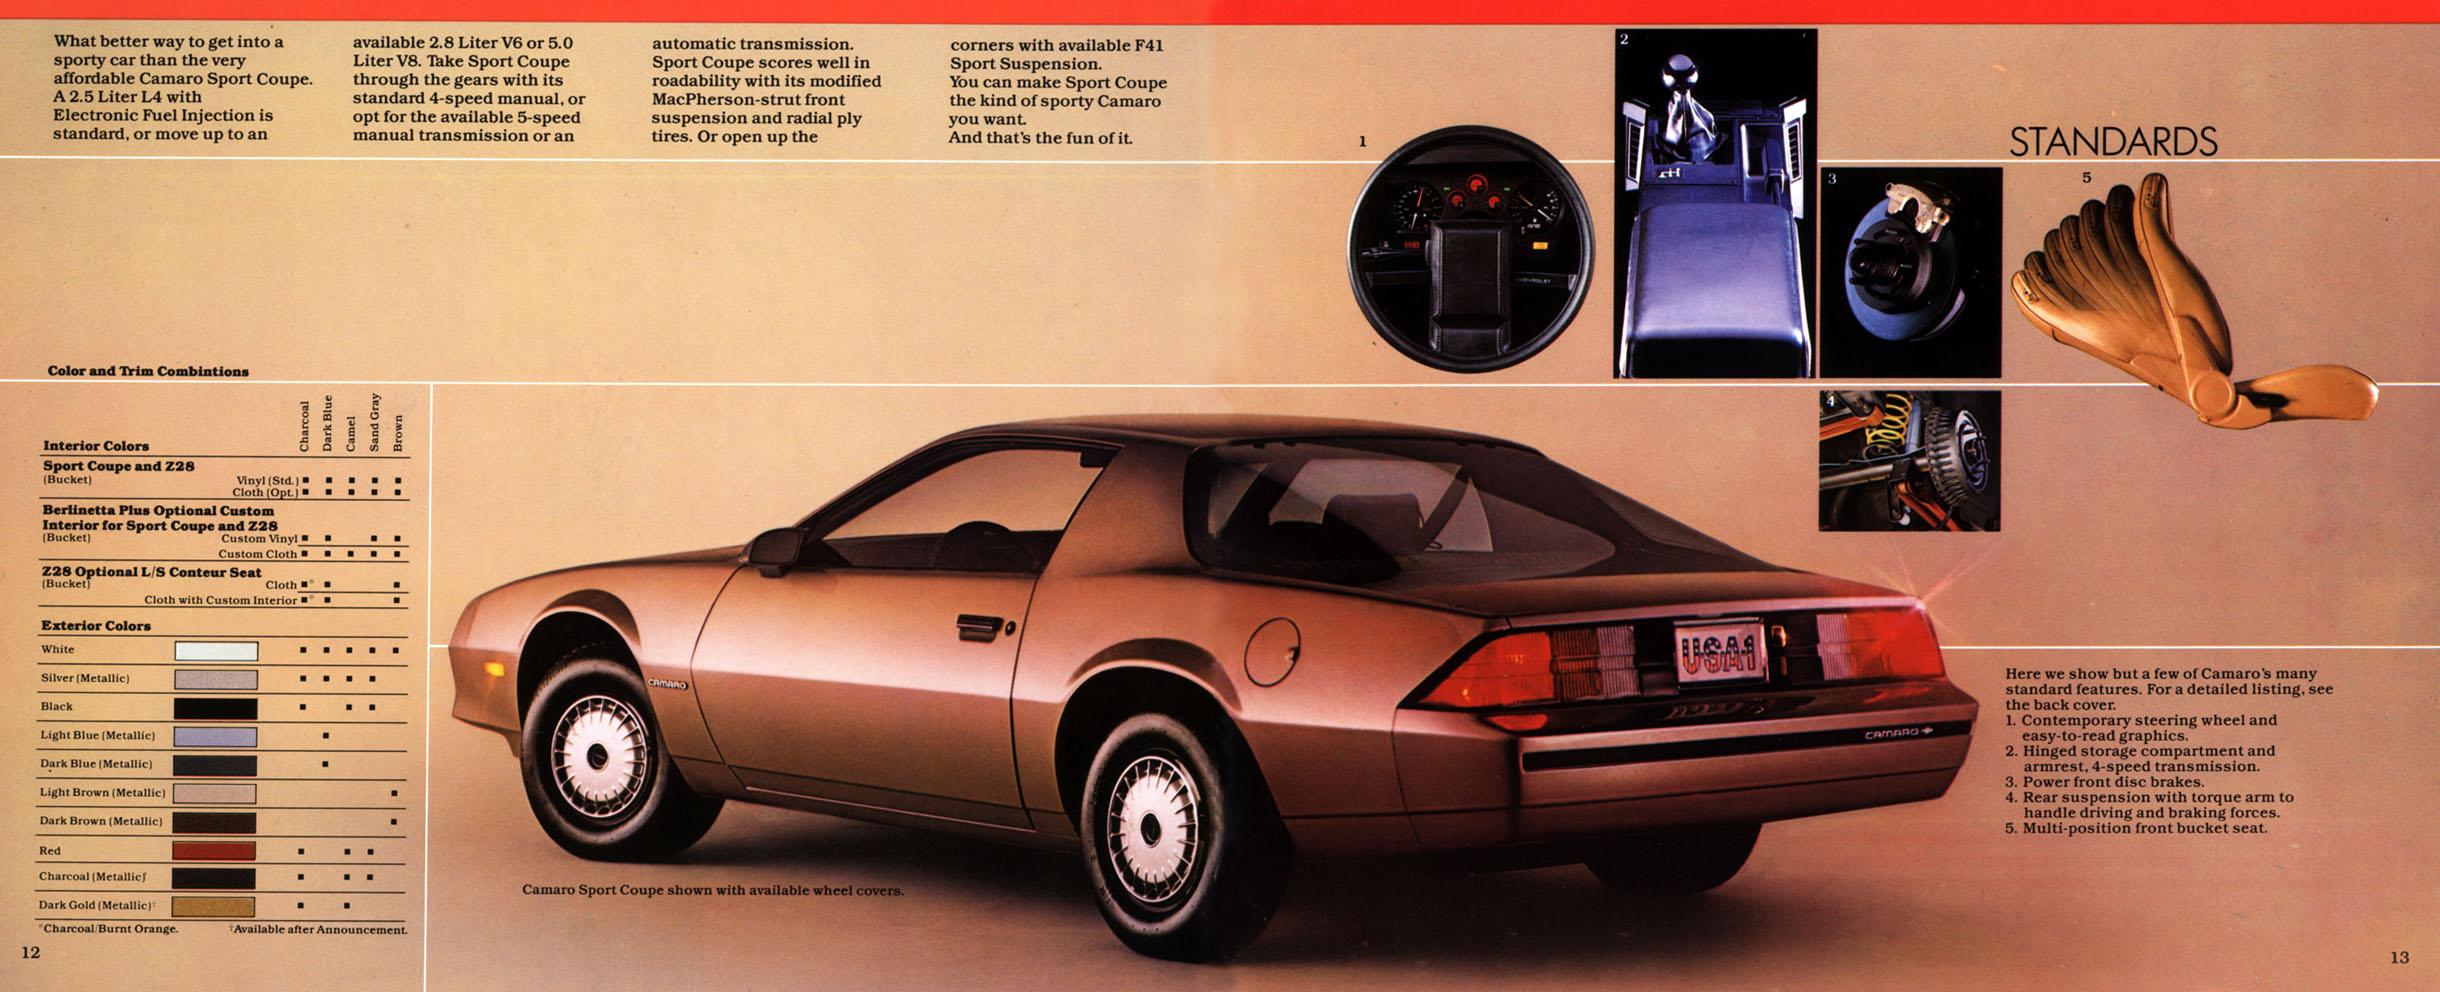 1983 Camaro OEM Brochure (7)